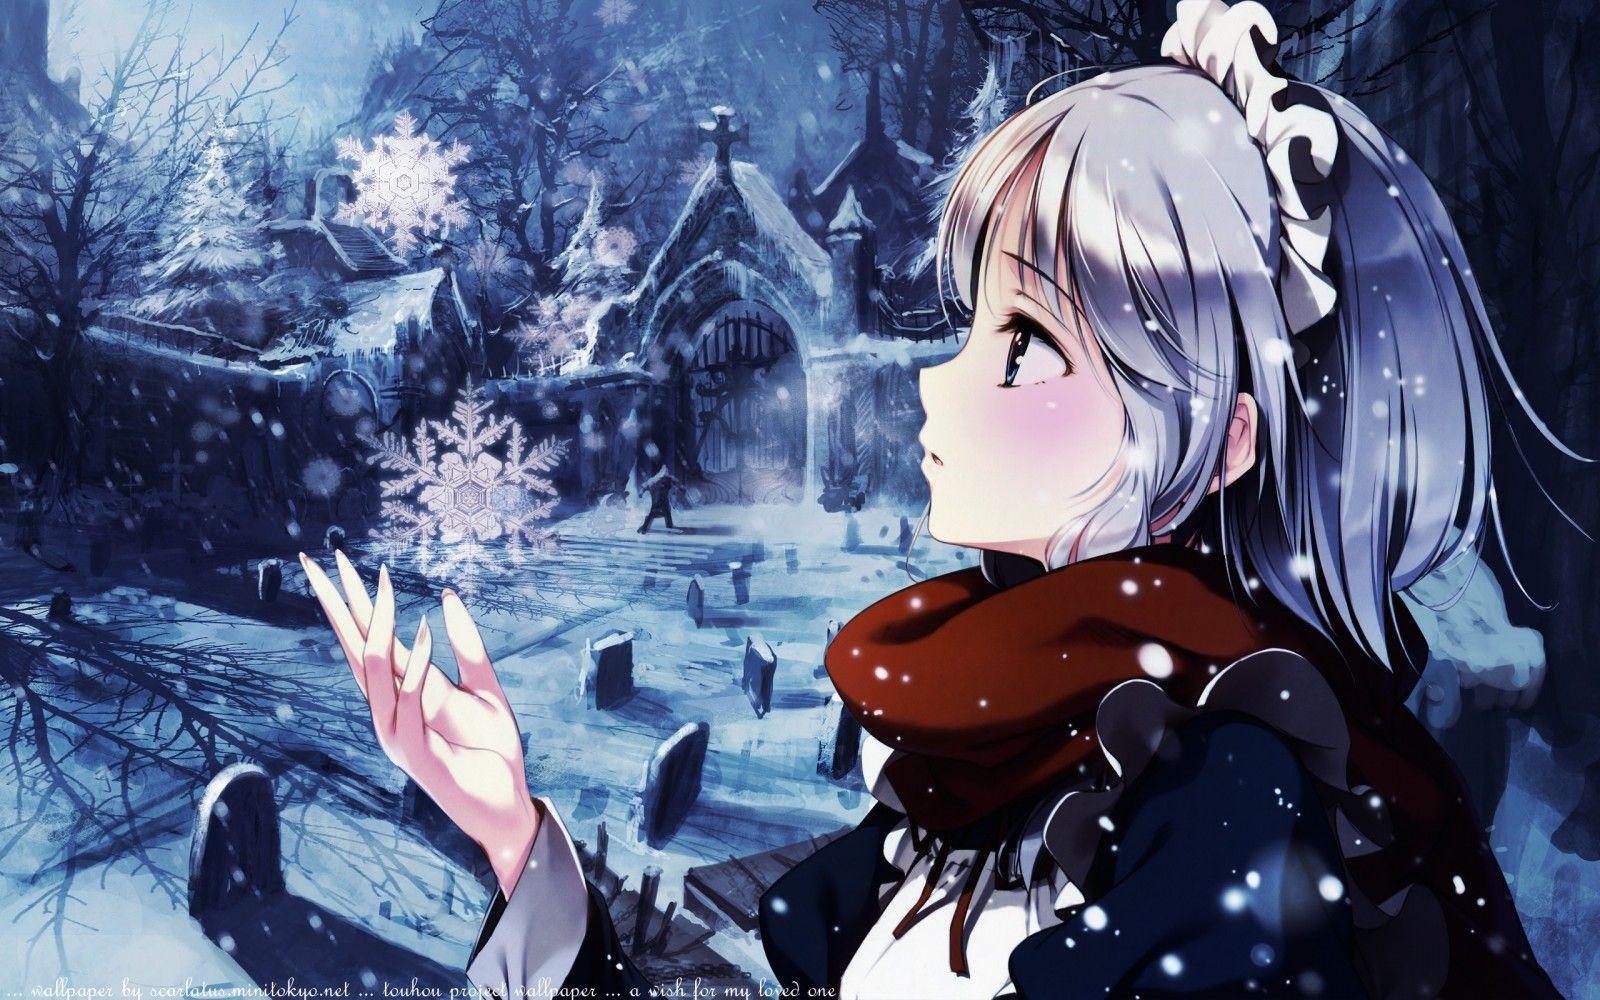 Ảnh anime girl trong mùa đông